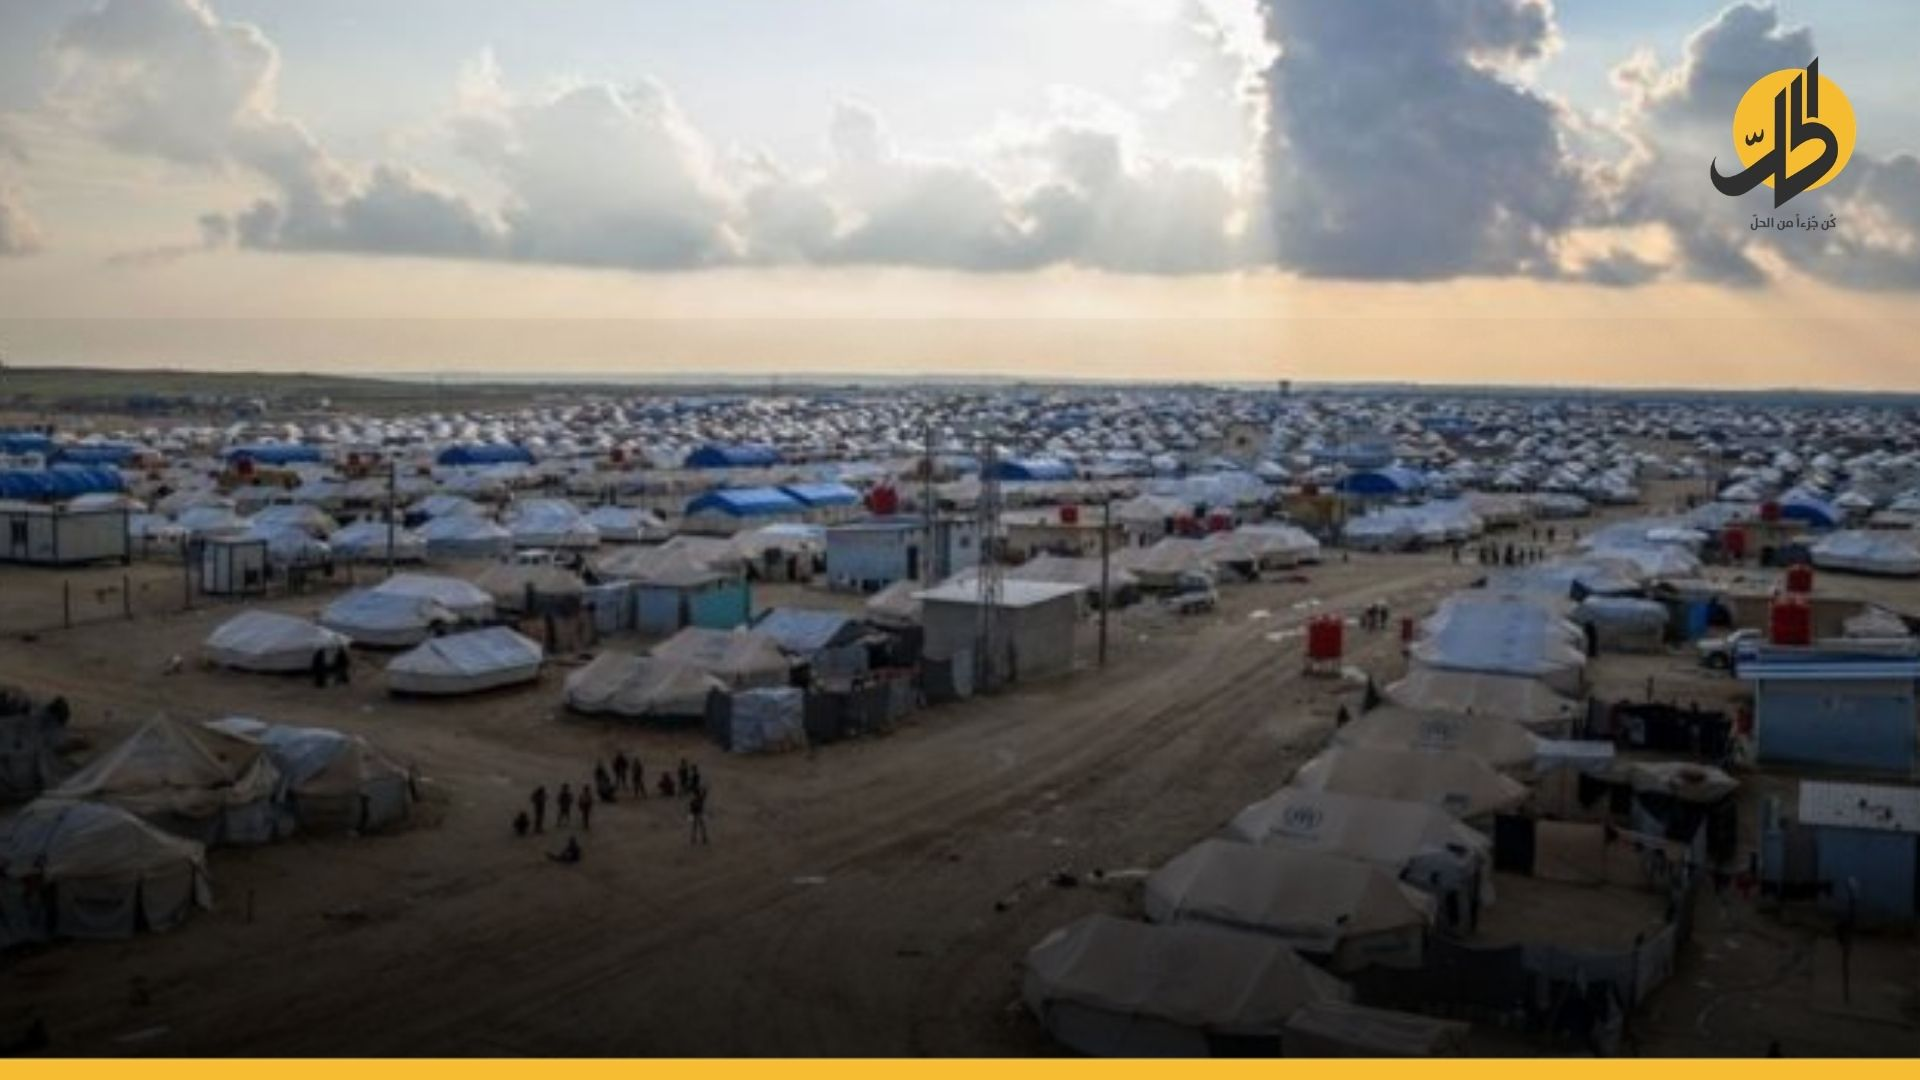 94 عائلة من اللاجئين العراقيين يصلون بلادهم بعد رحلة تأجلت لأكثر من عامين